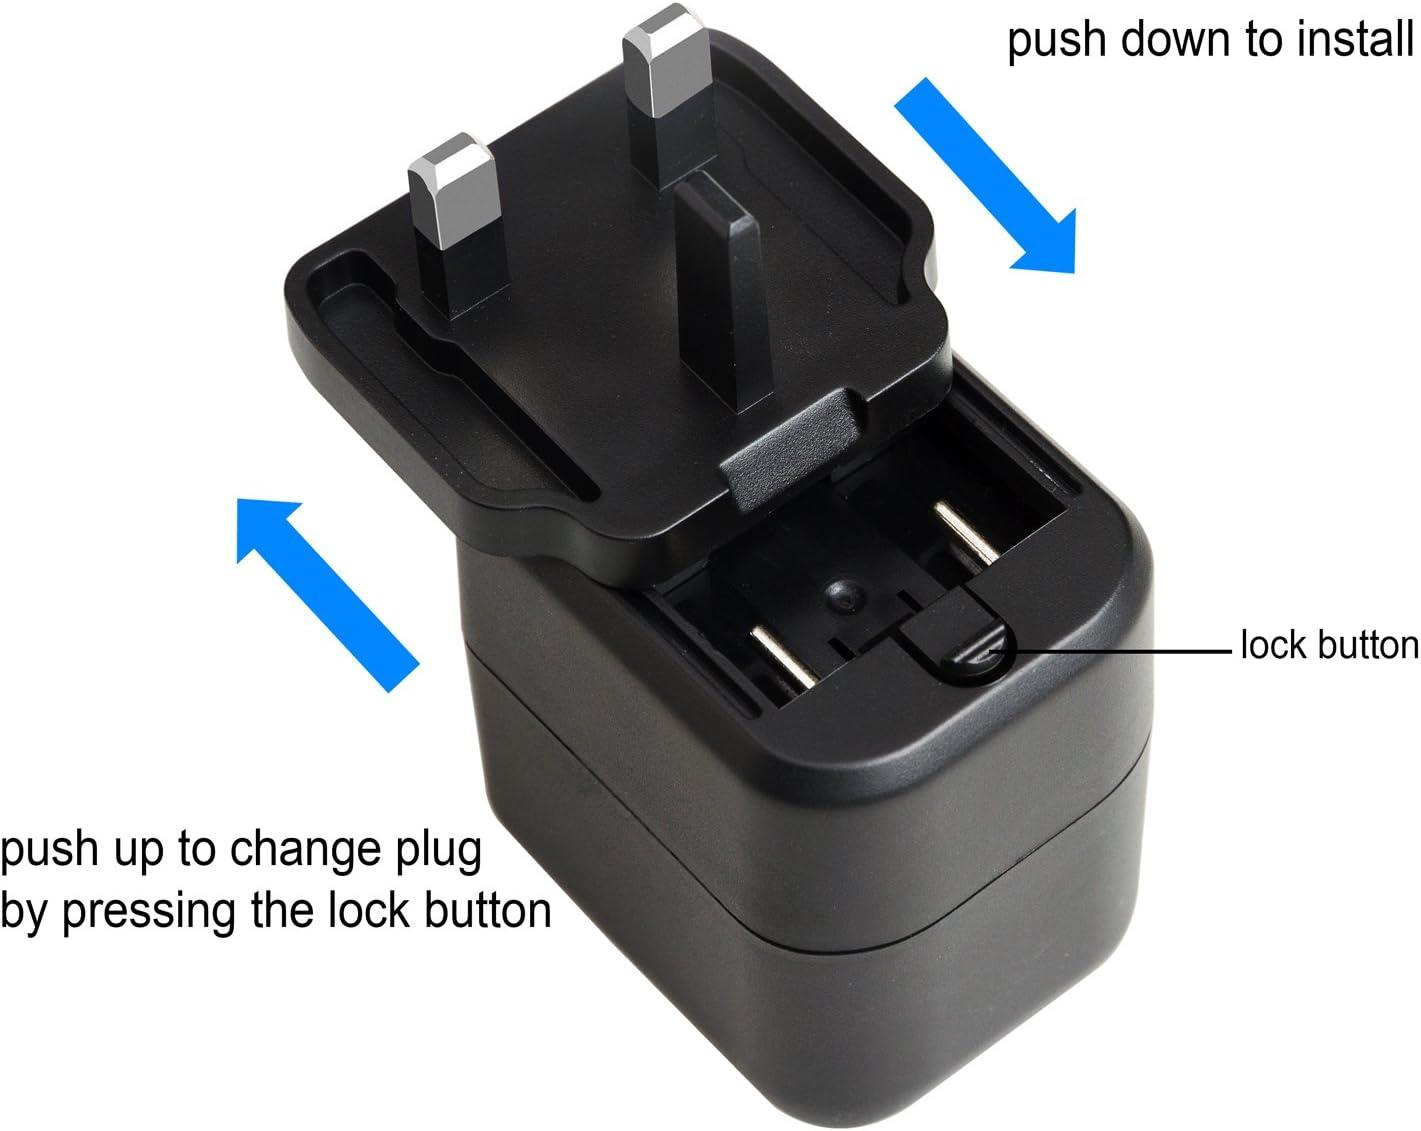 permutables 4 puertos USB cargador de pared cargador UE nosotros para viajes internacionales adaptador de enchufe Viajes para Apple iPhone iPad negro 24 W 4,8 A Lvsun Samsung y m/ás * 2.4A 2 * 4 o 1A